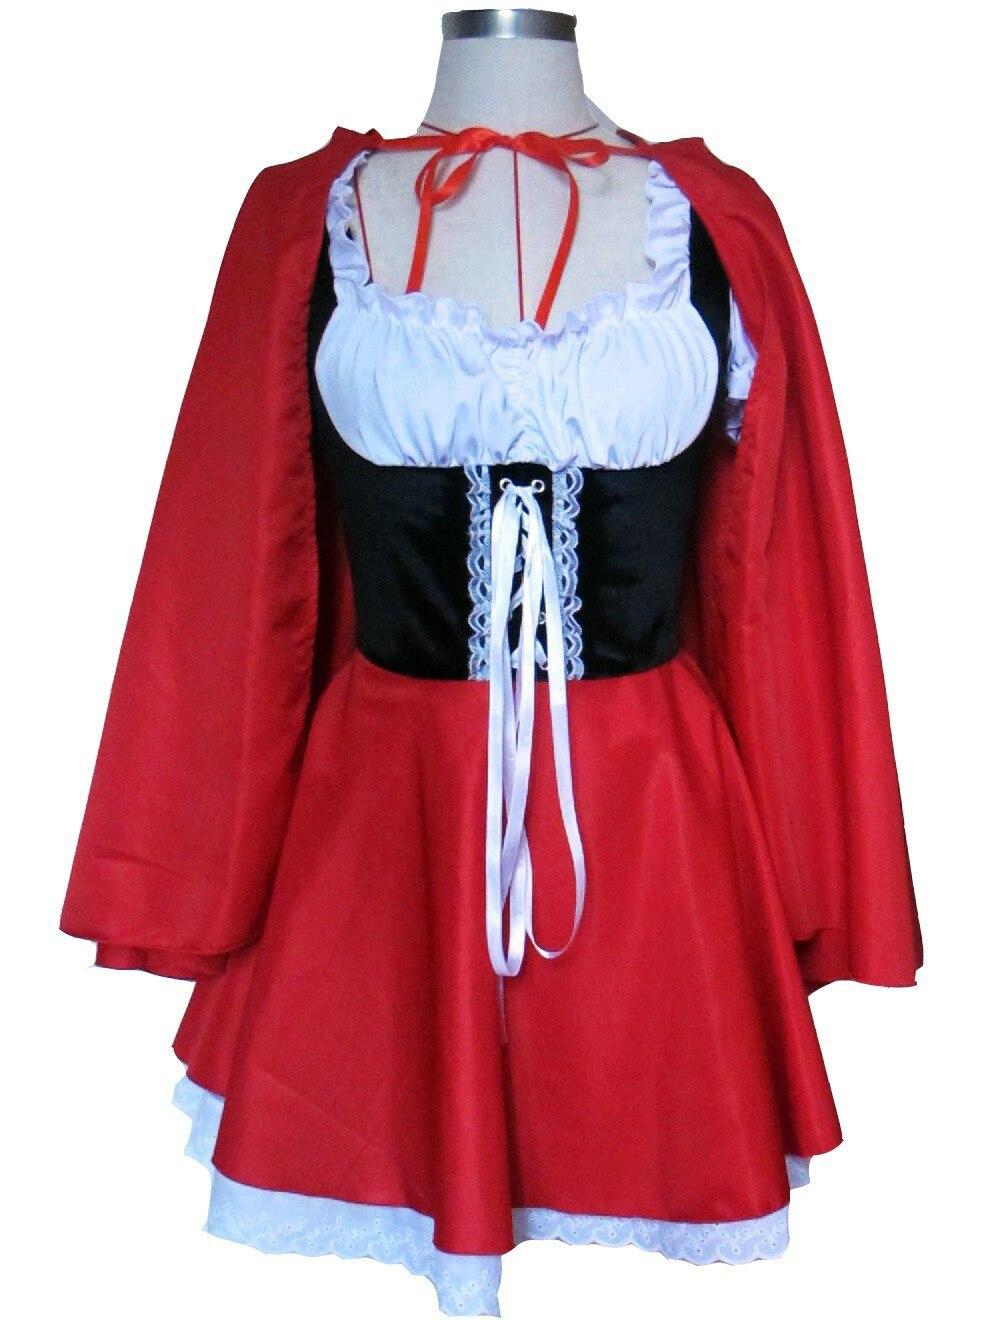 Հելոուին կոստյումներ կանանց համար - Կարնավալային հագուստները - Լուսանկար 3